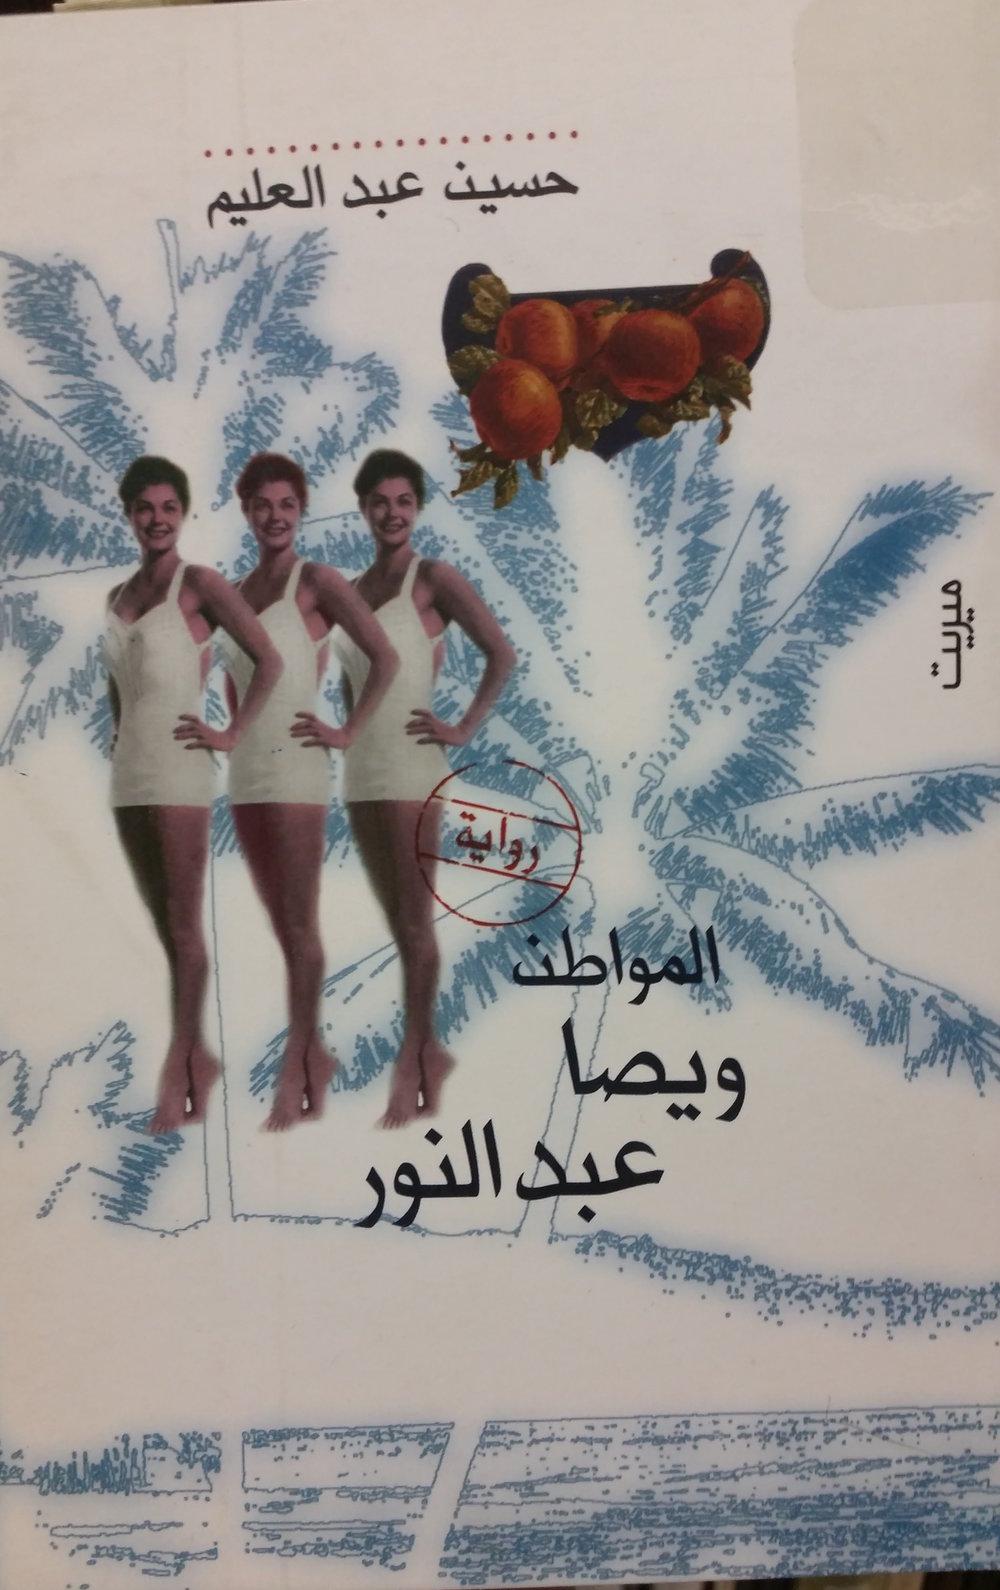 By Ḥusayn ʿAbd al-ʿAlīm (al-Qāhirah : Dār Mīrīt, 2009)